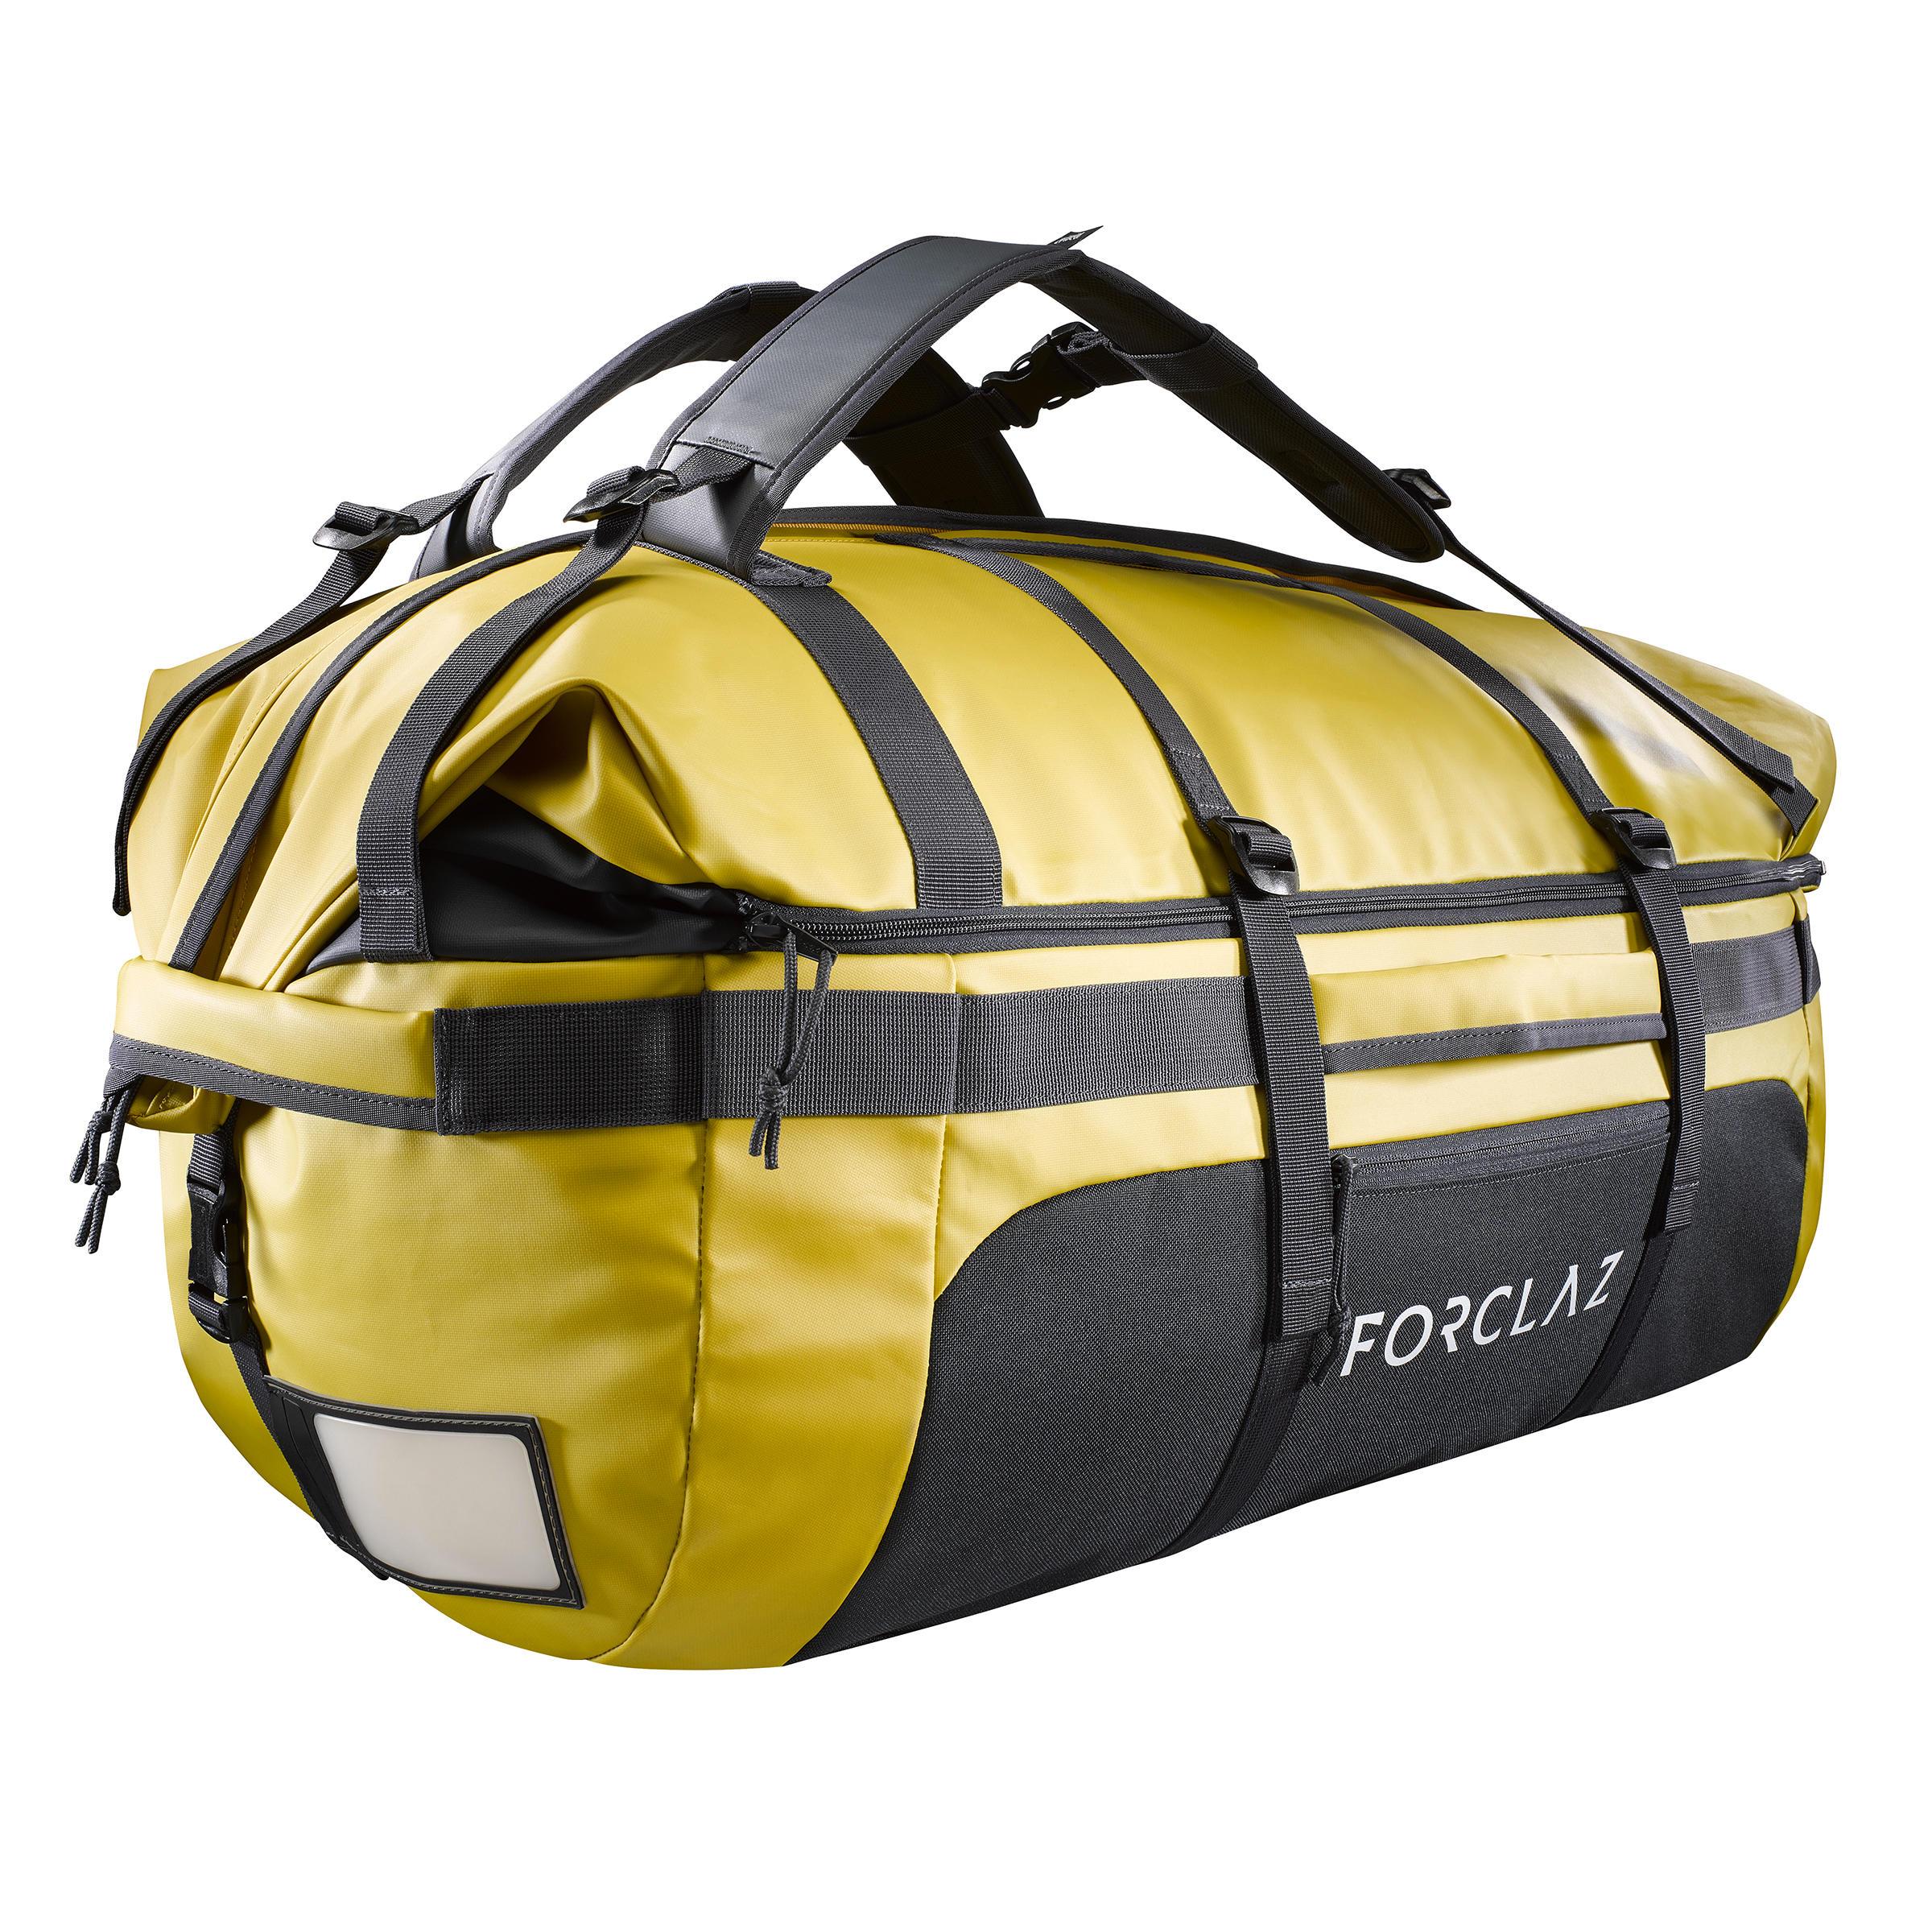 Sac de transport Trekking Voyage extend 80 à 120 litres jaune - Forclaz